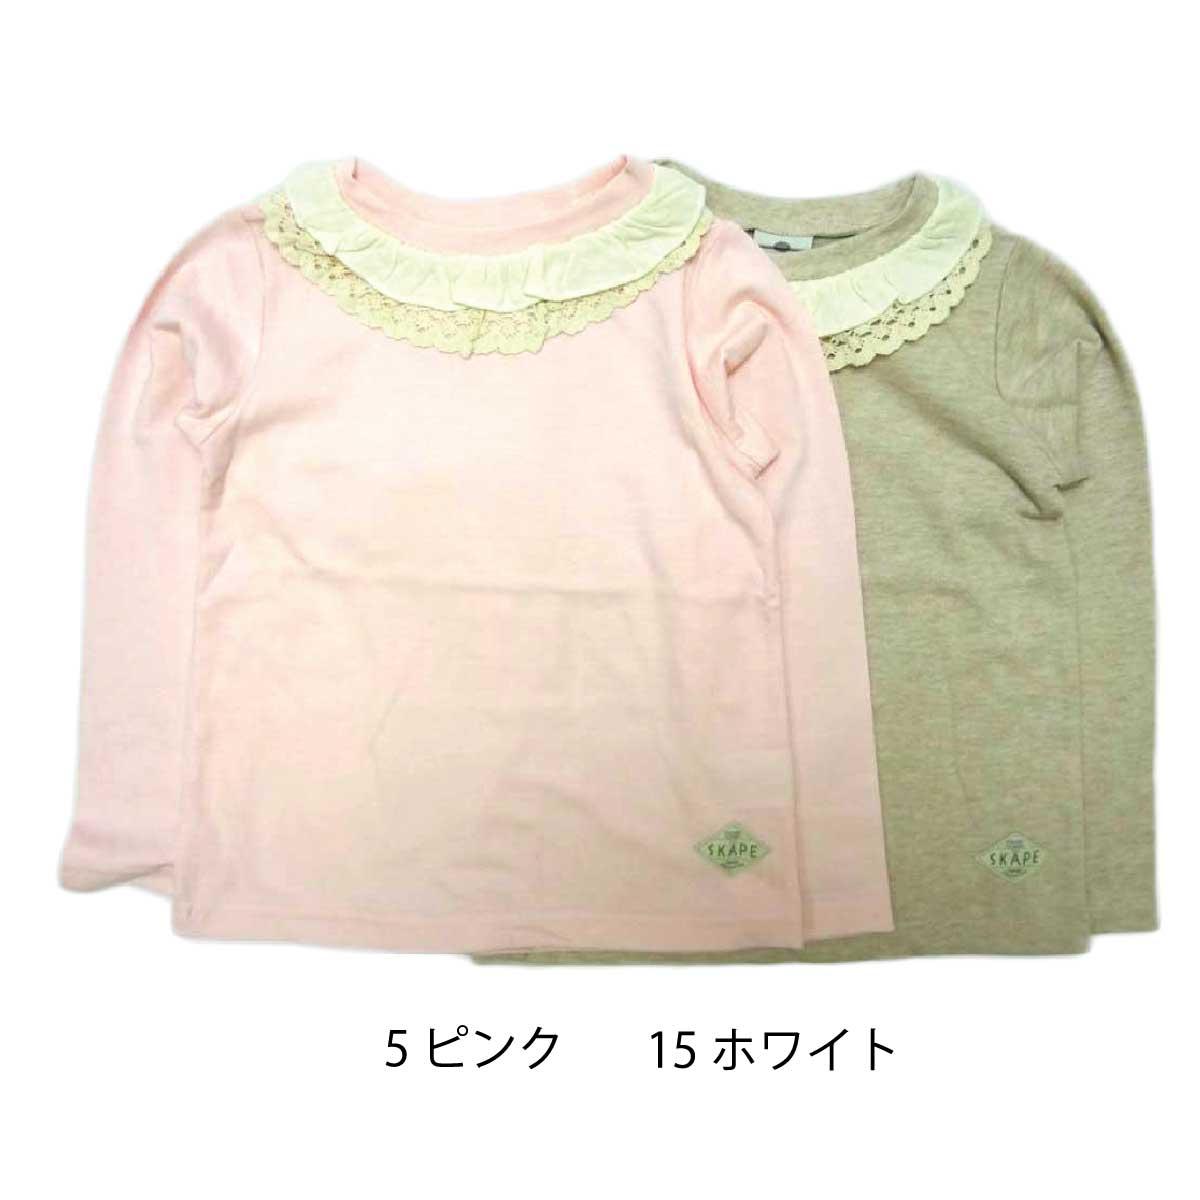 【セール】【ネコポス対応】【SiShuNon/SKAPE】フリルカラーTシャツ エスケープ ベビー キッズ フリル カラー 長袖 Tシャツ 女の子